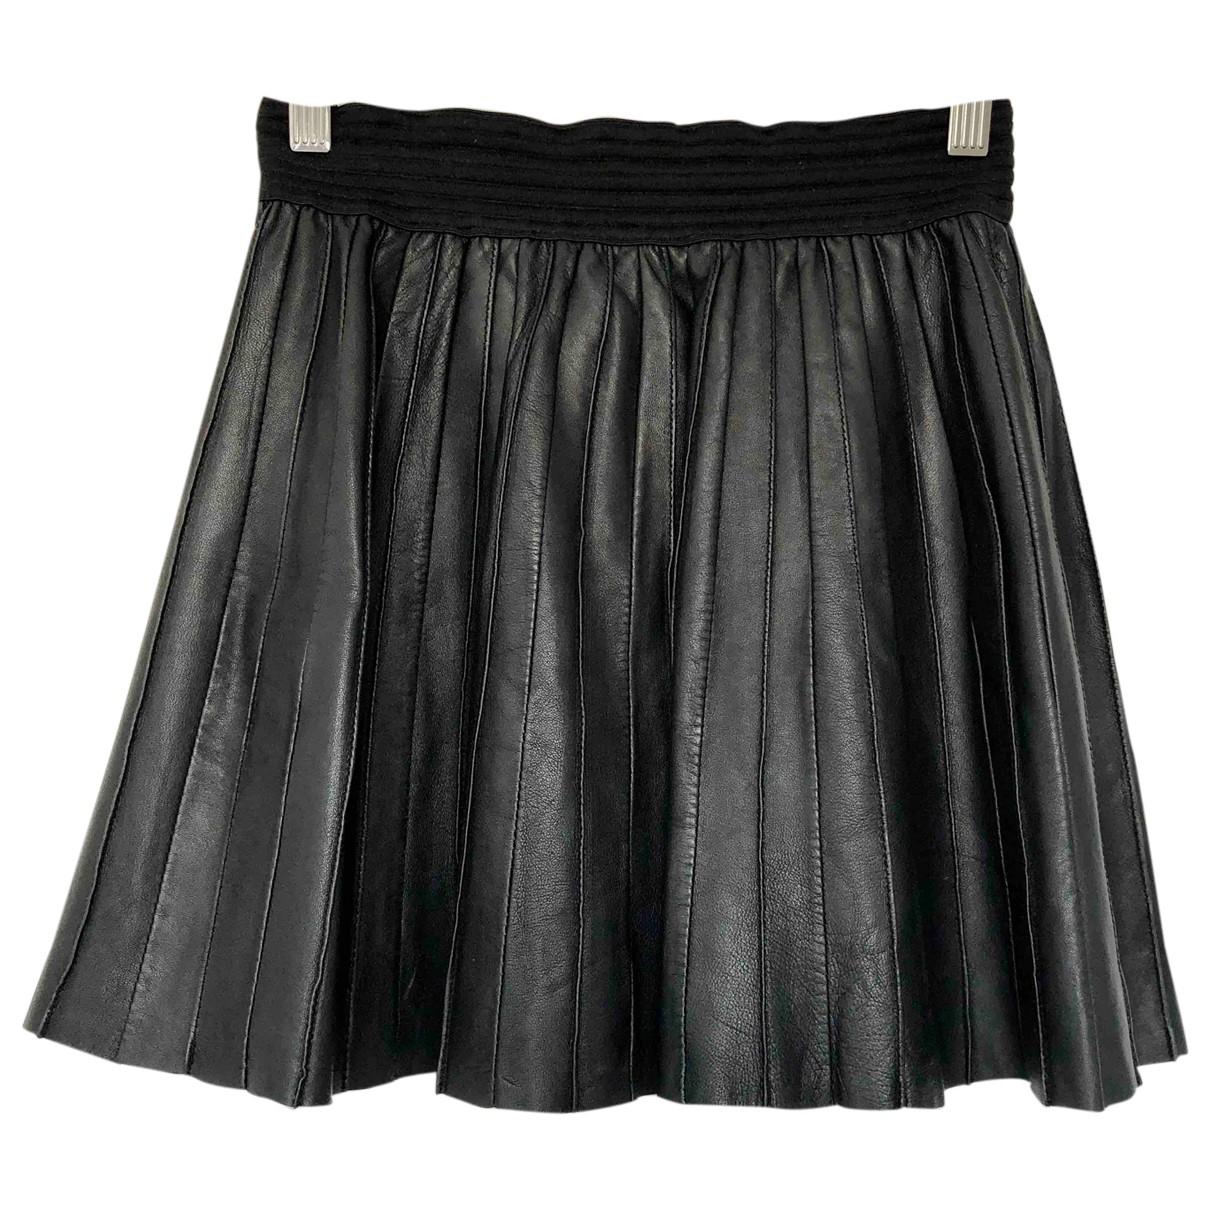 Les Petites \N Black Leather skirt for Women 38 FR